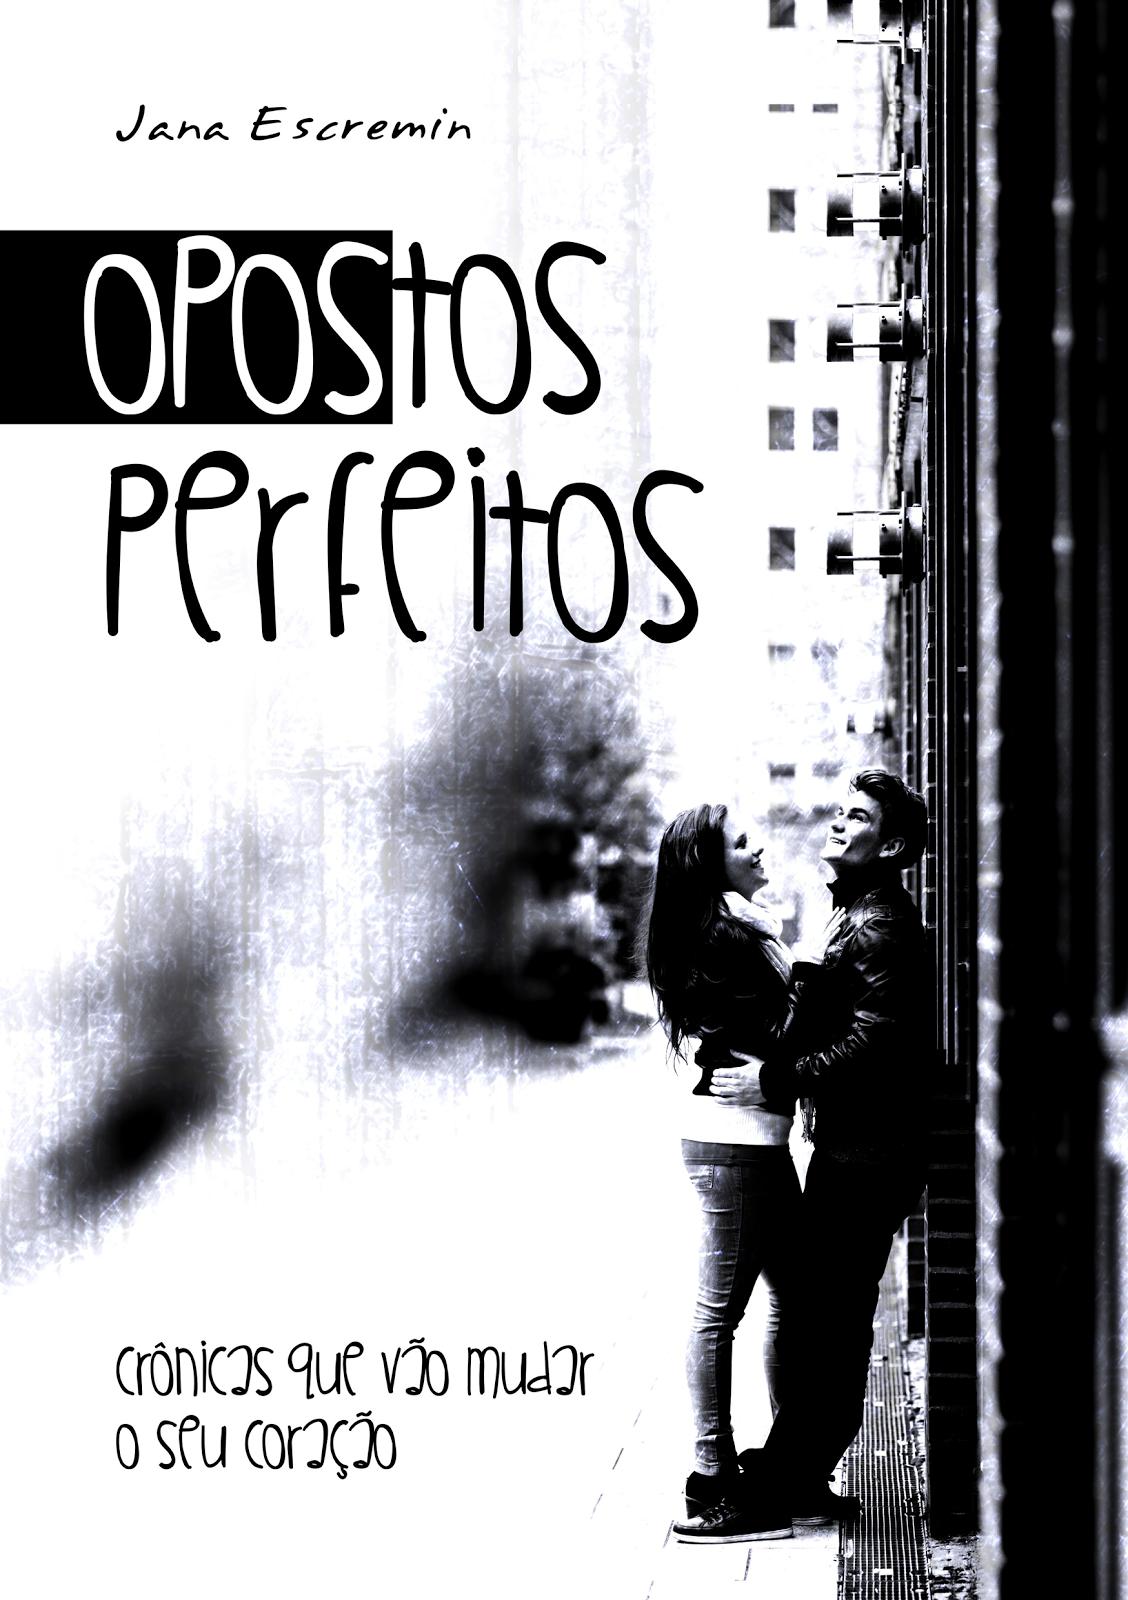 Compre aqui o livro Opostos Perfeitos